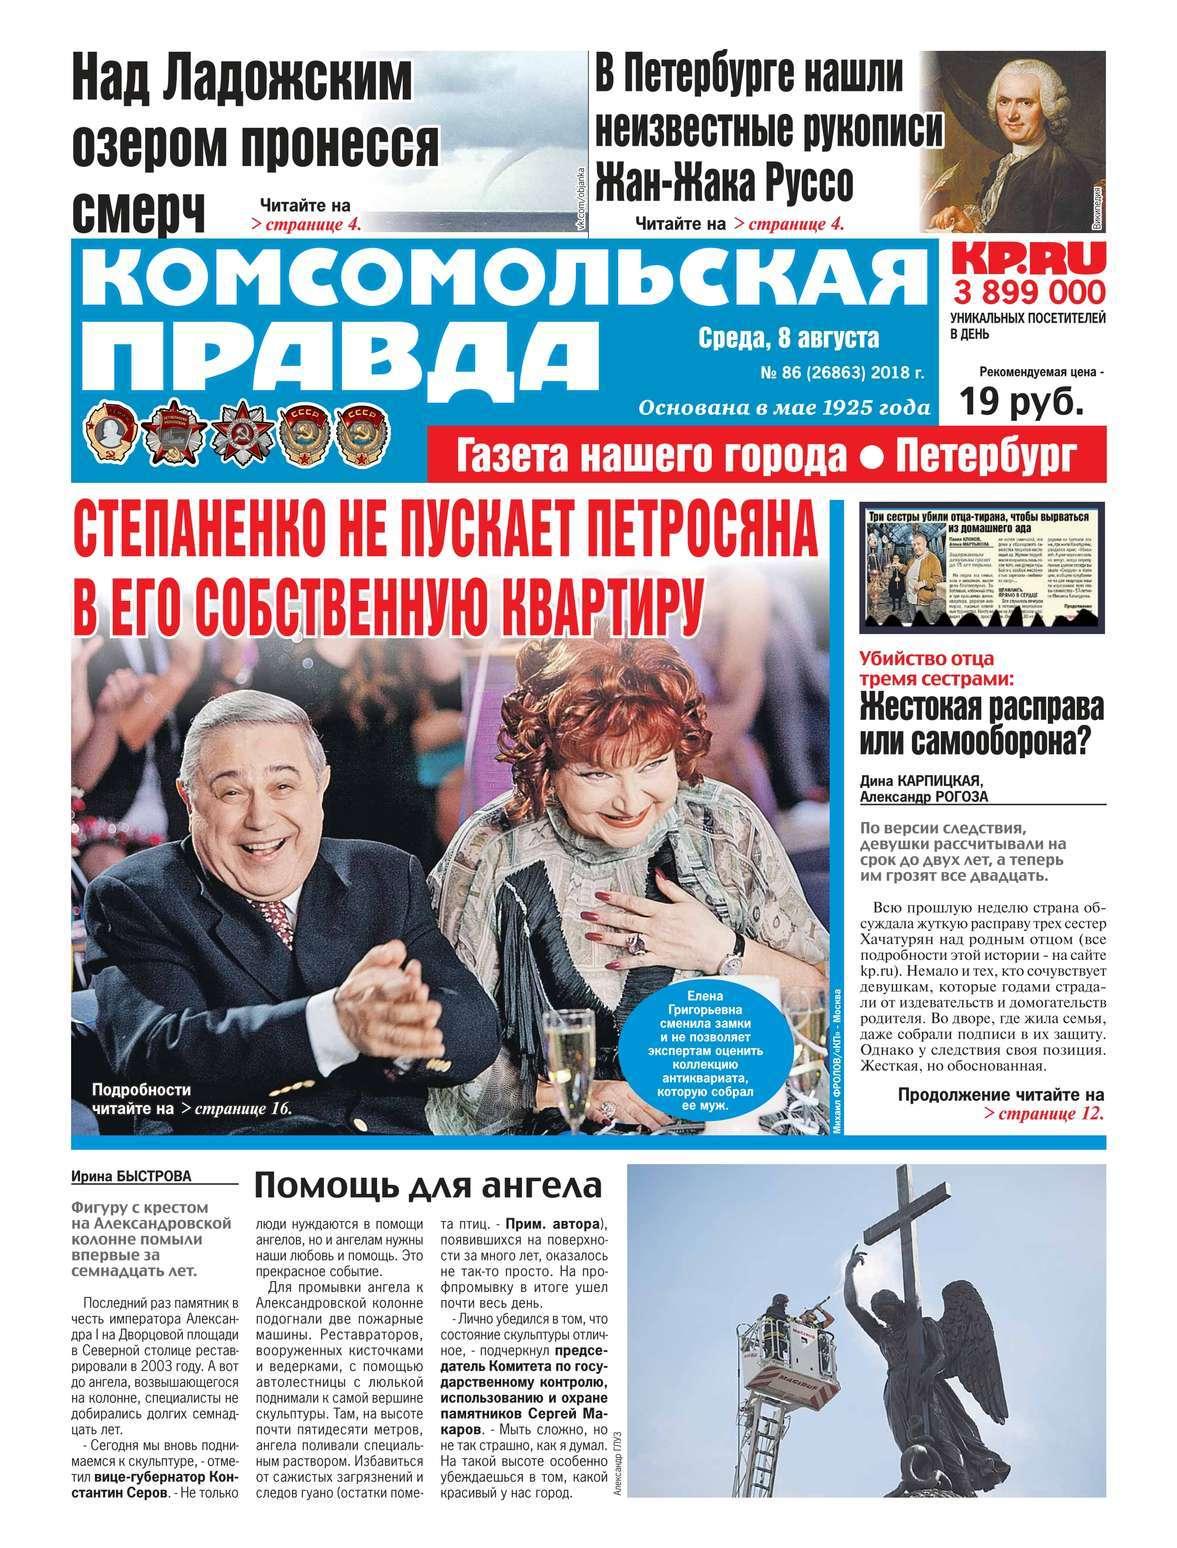 Редакция газеты Комсомольская Правда. Санкт-Петербург Комсомольская Правда. Санкт-Петербург 86-2018